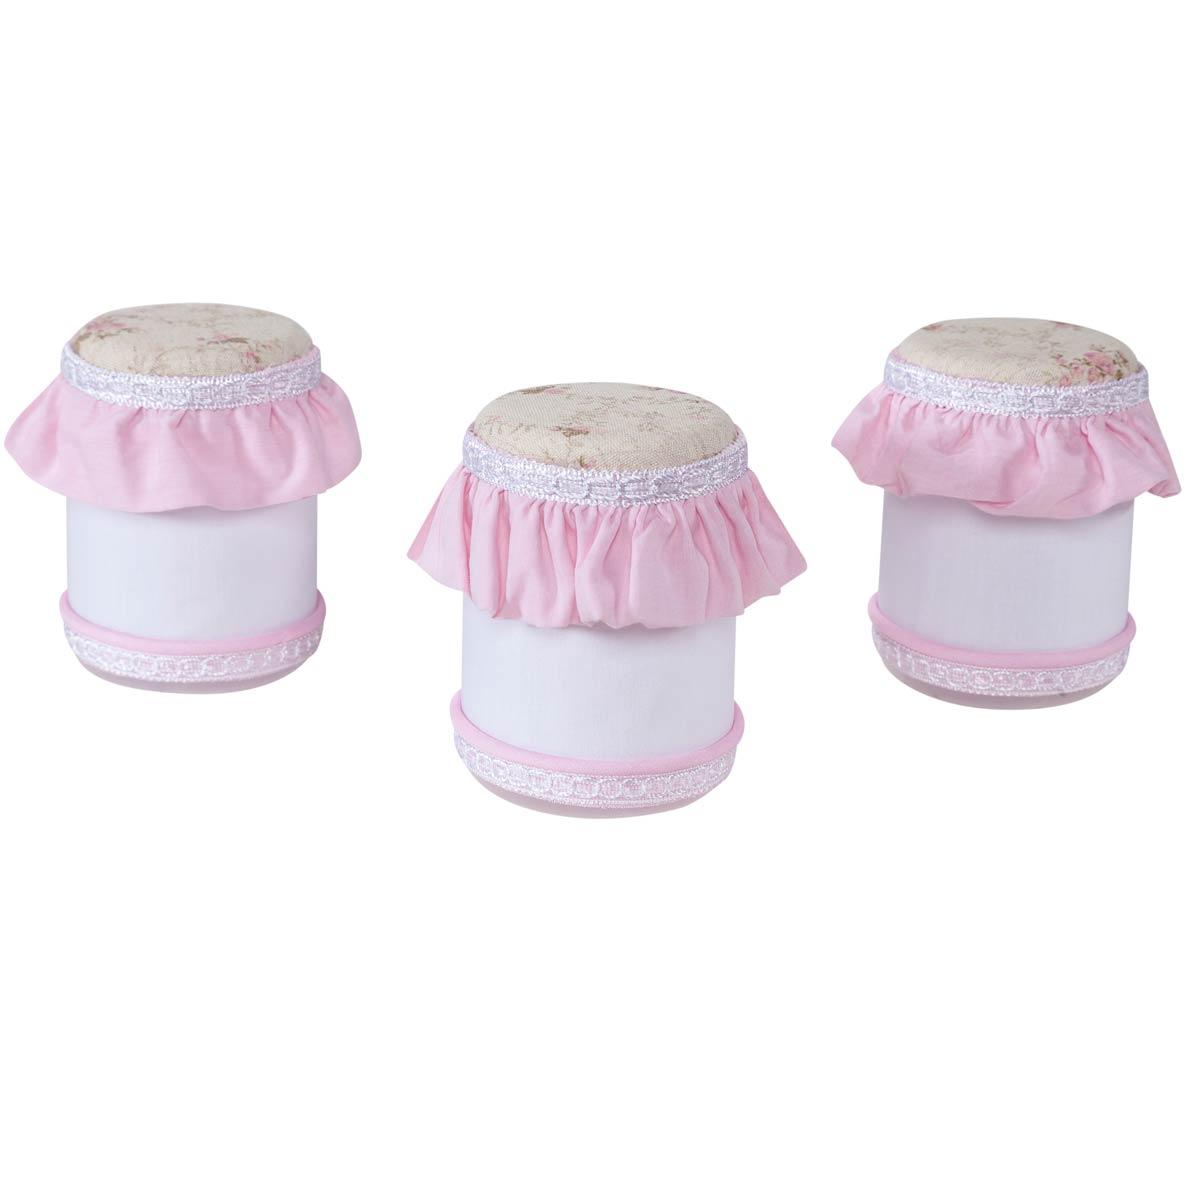 Kit Acessórios com Abajur, Cesta e Potes Coleção Lacinhos Baby - Rosa